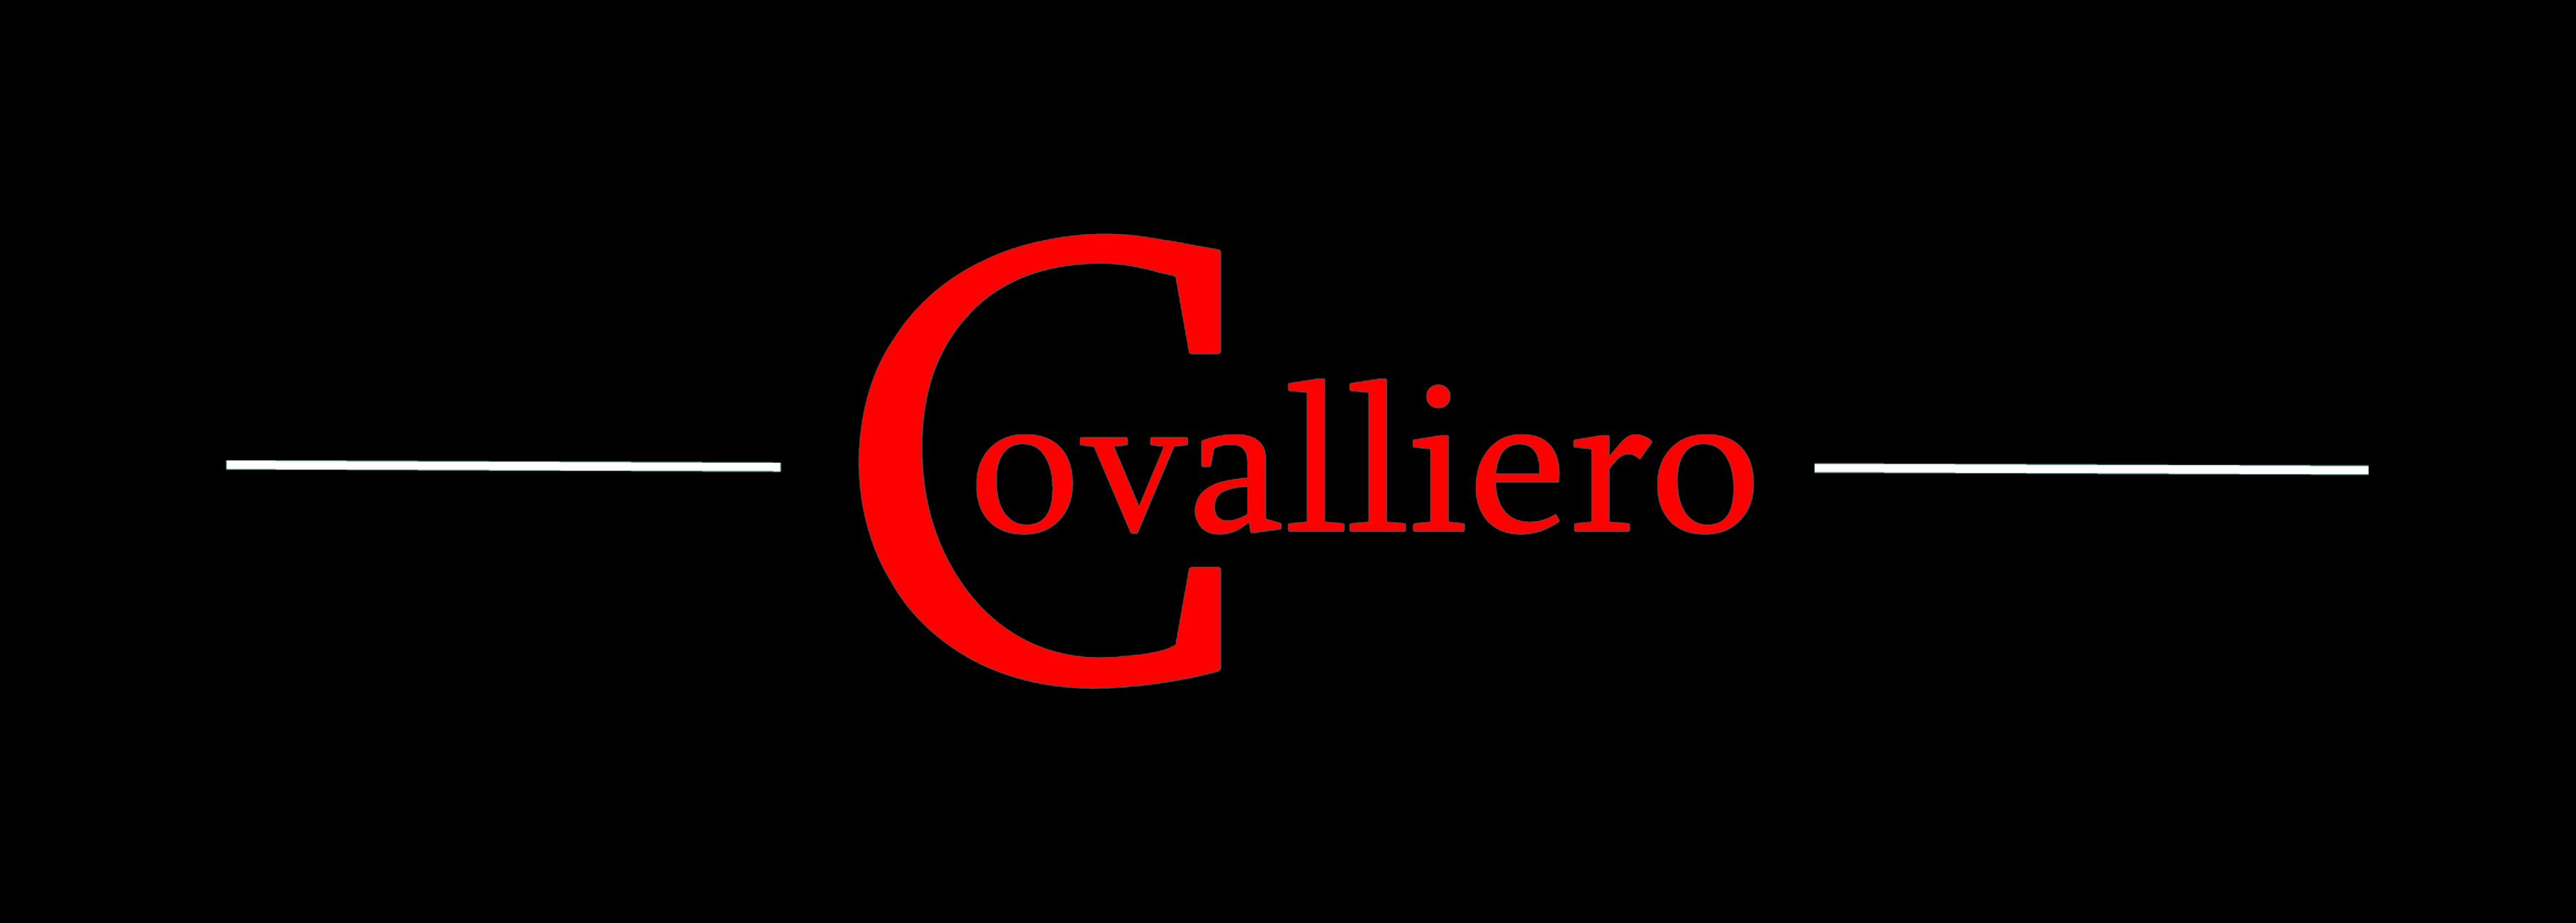 Covalliero